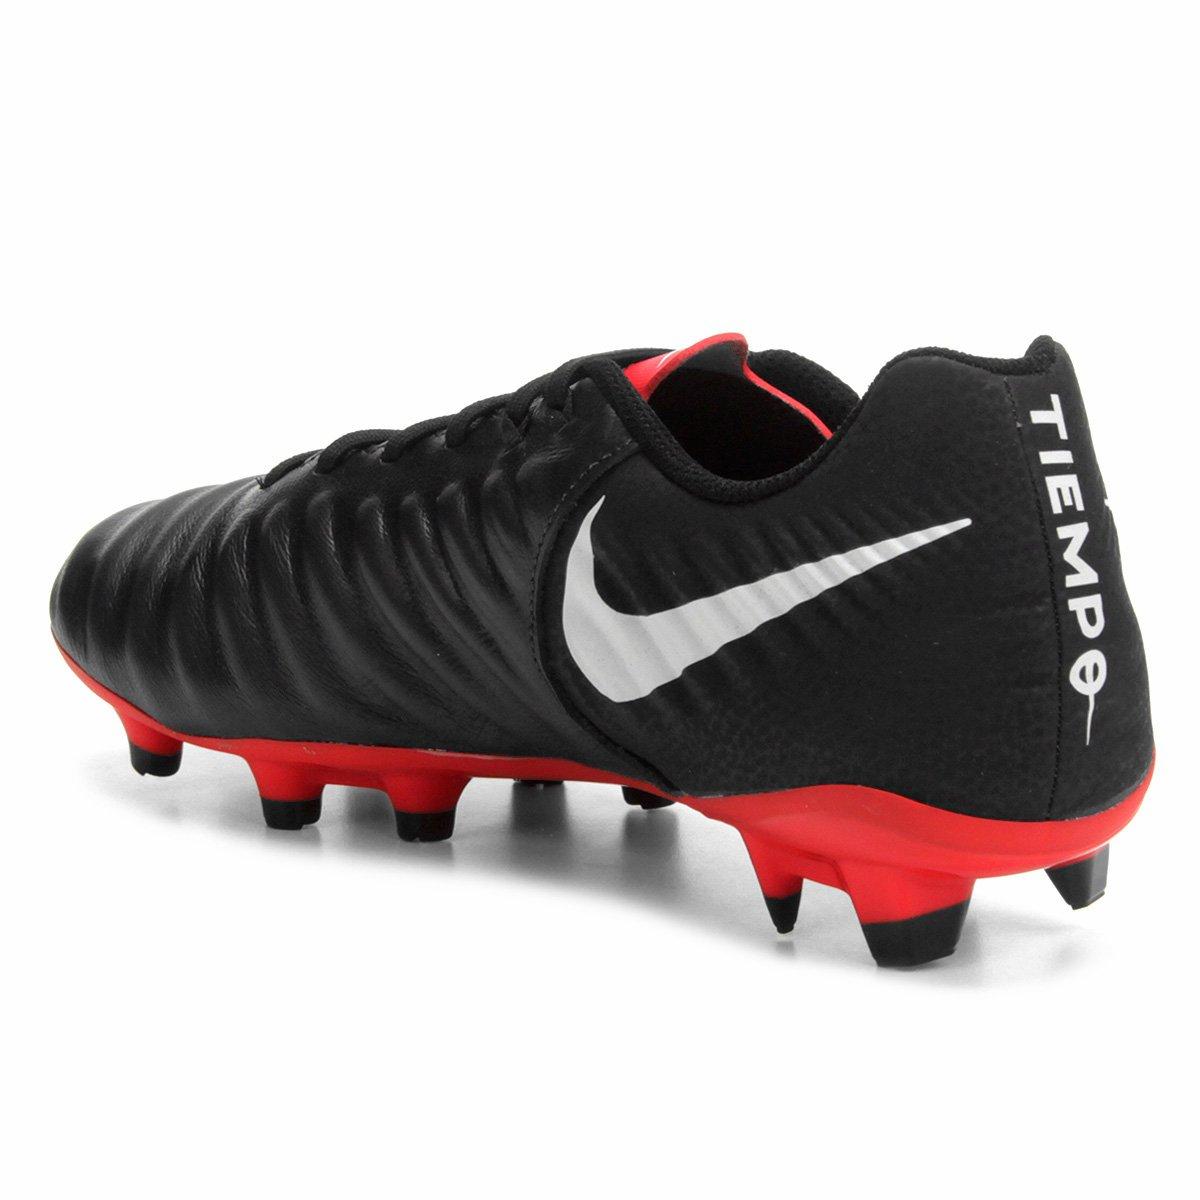 Chuteira Campo Nike Tiempo Legend 7 Academy FG - Preto - Compre ... e7335923a12c6